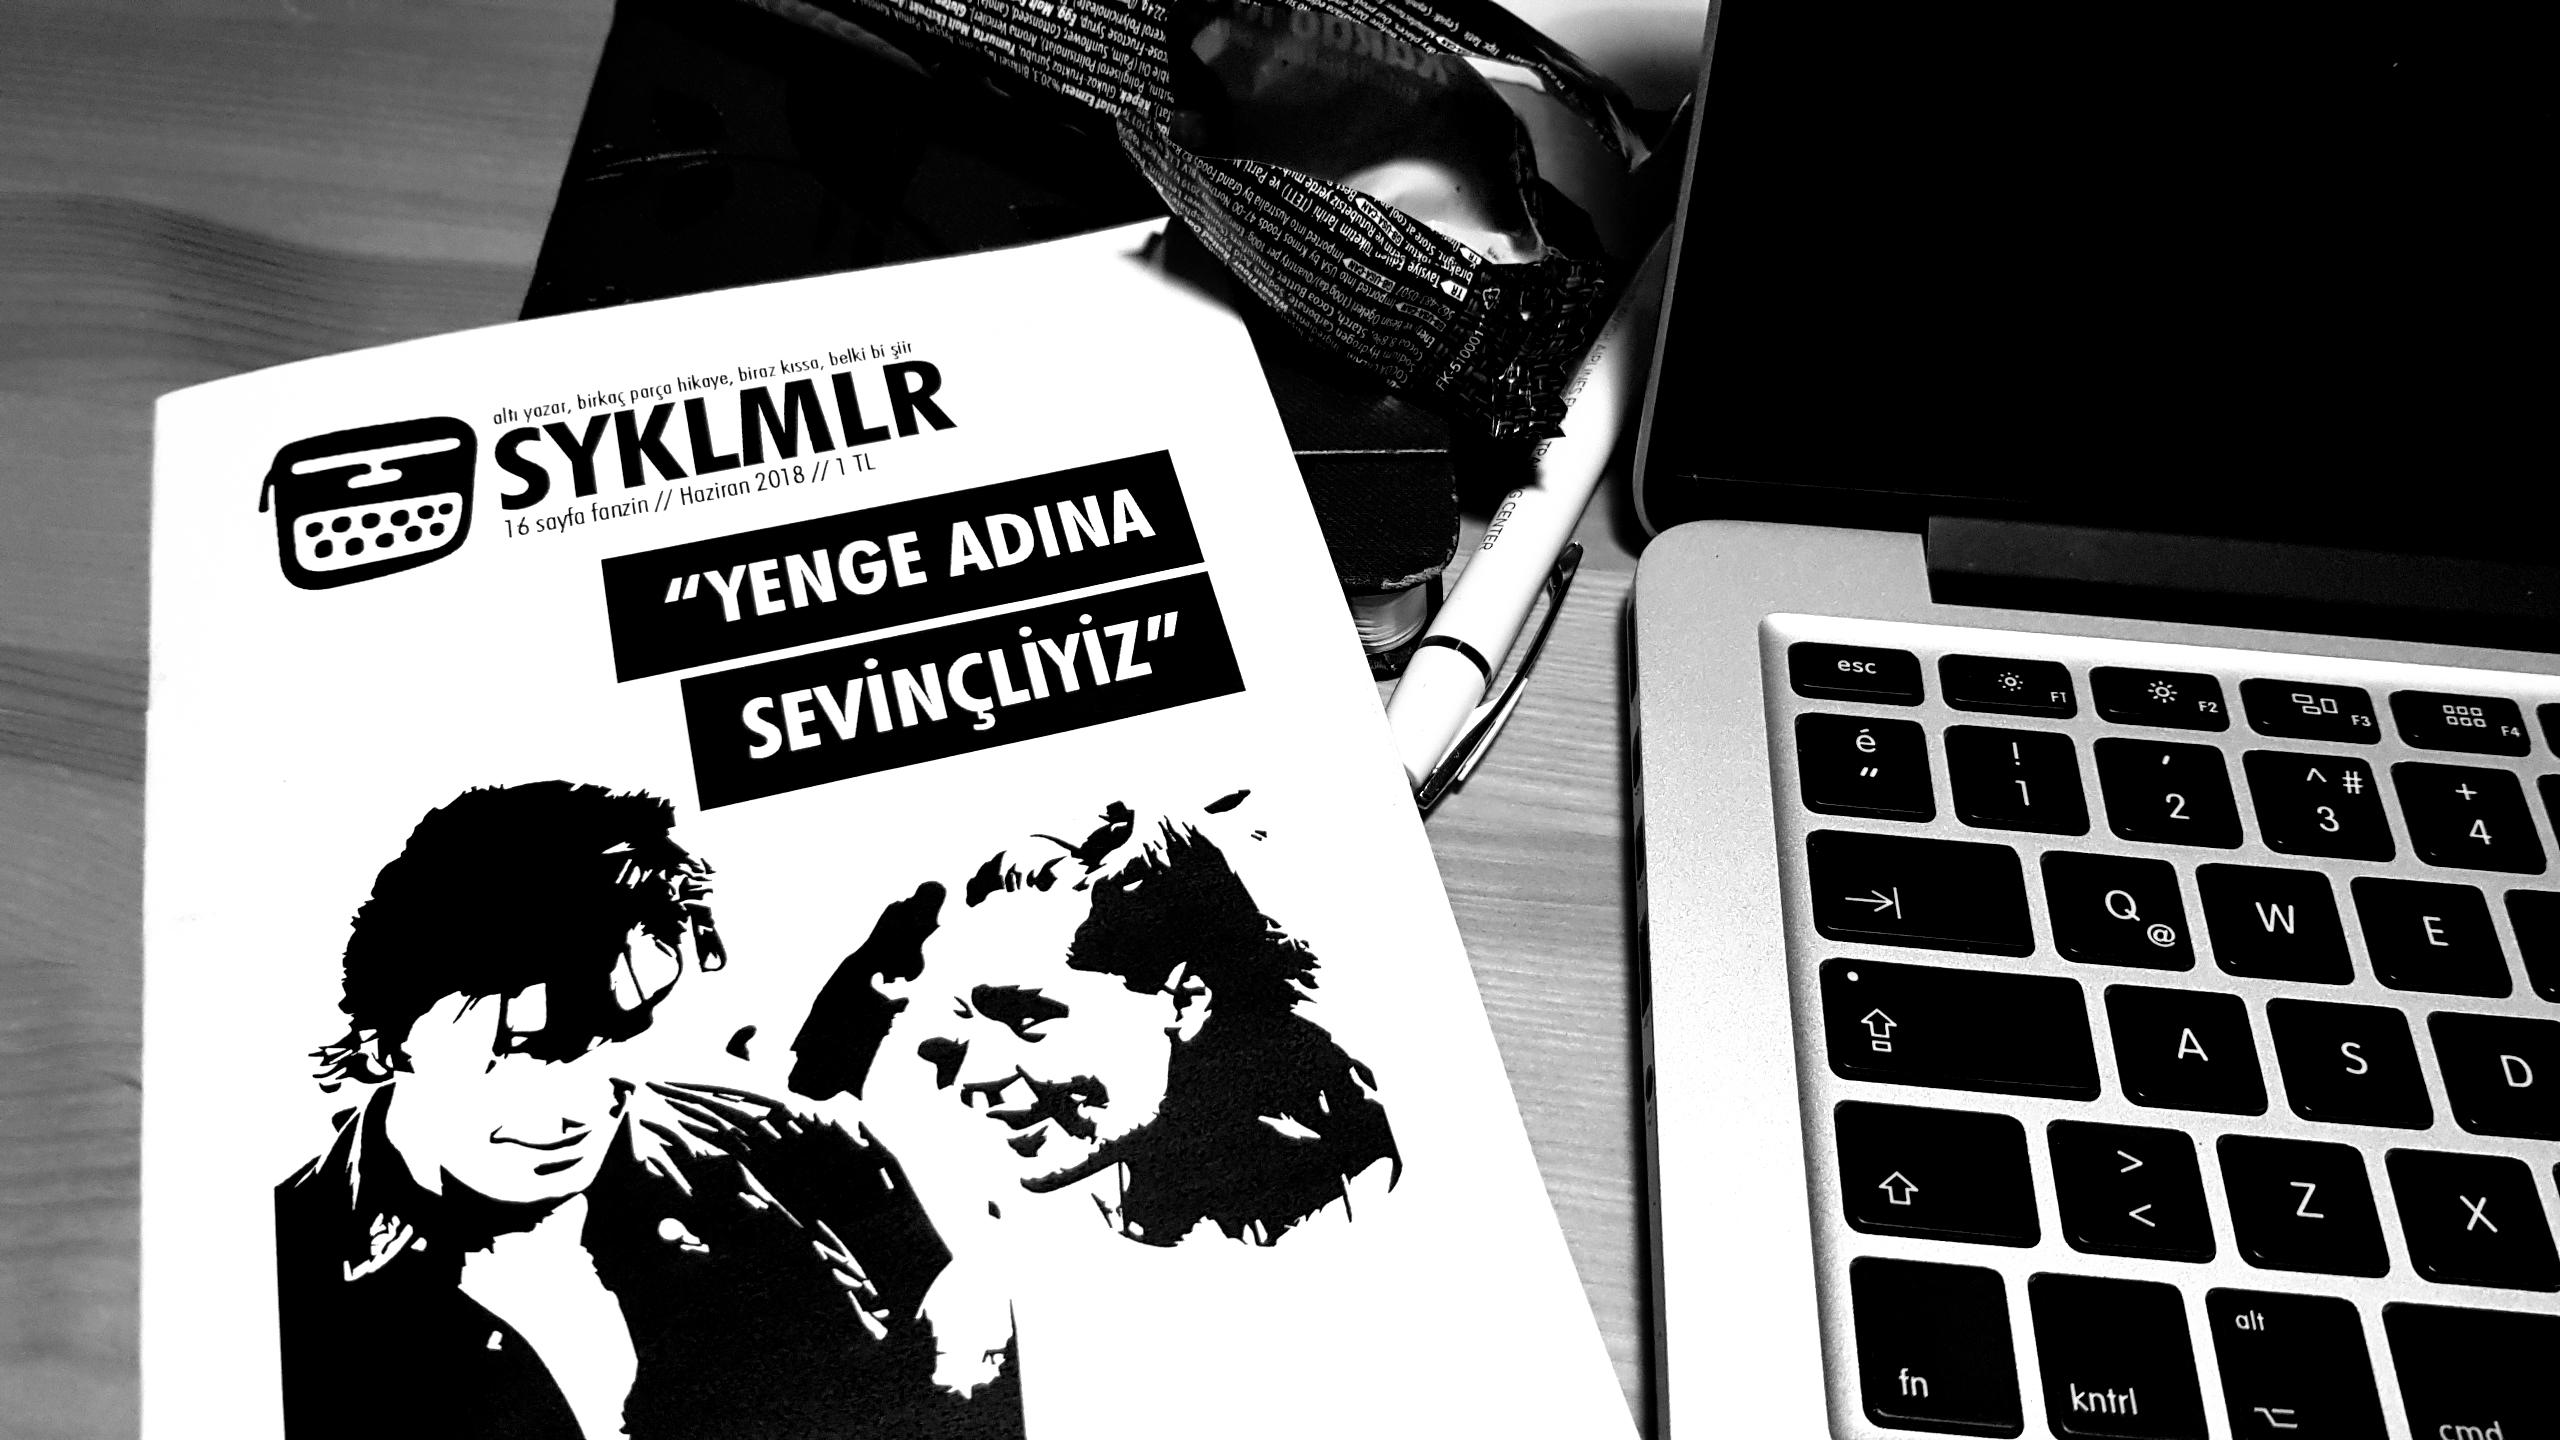 SYKLMLR-Fanzin-Sayi-4